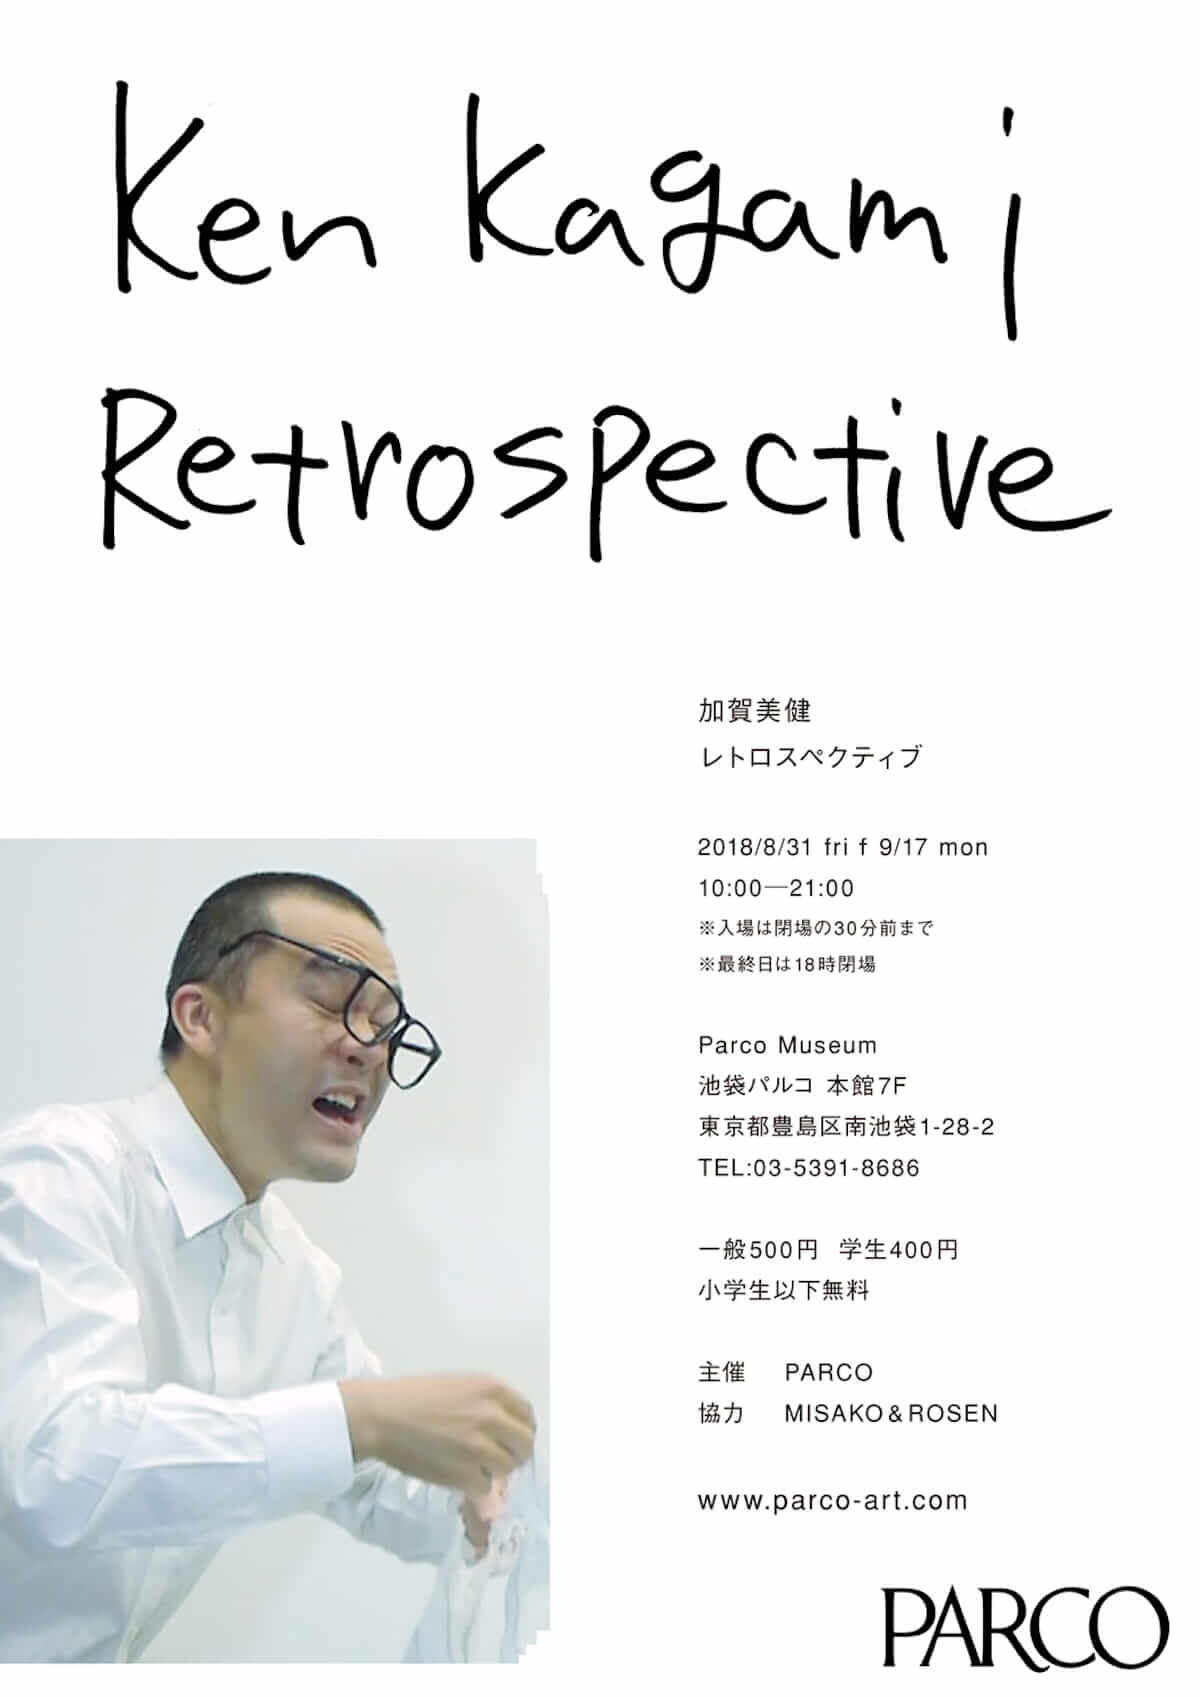 現代美術アーティスト・加賀美健の回顧展が池袋PARCOで開催 art_culture180810-kenkagami-1-1200x1697